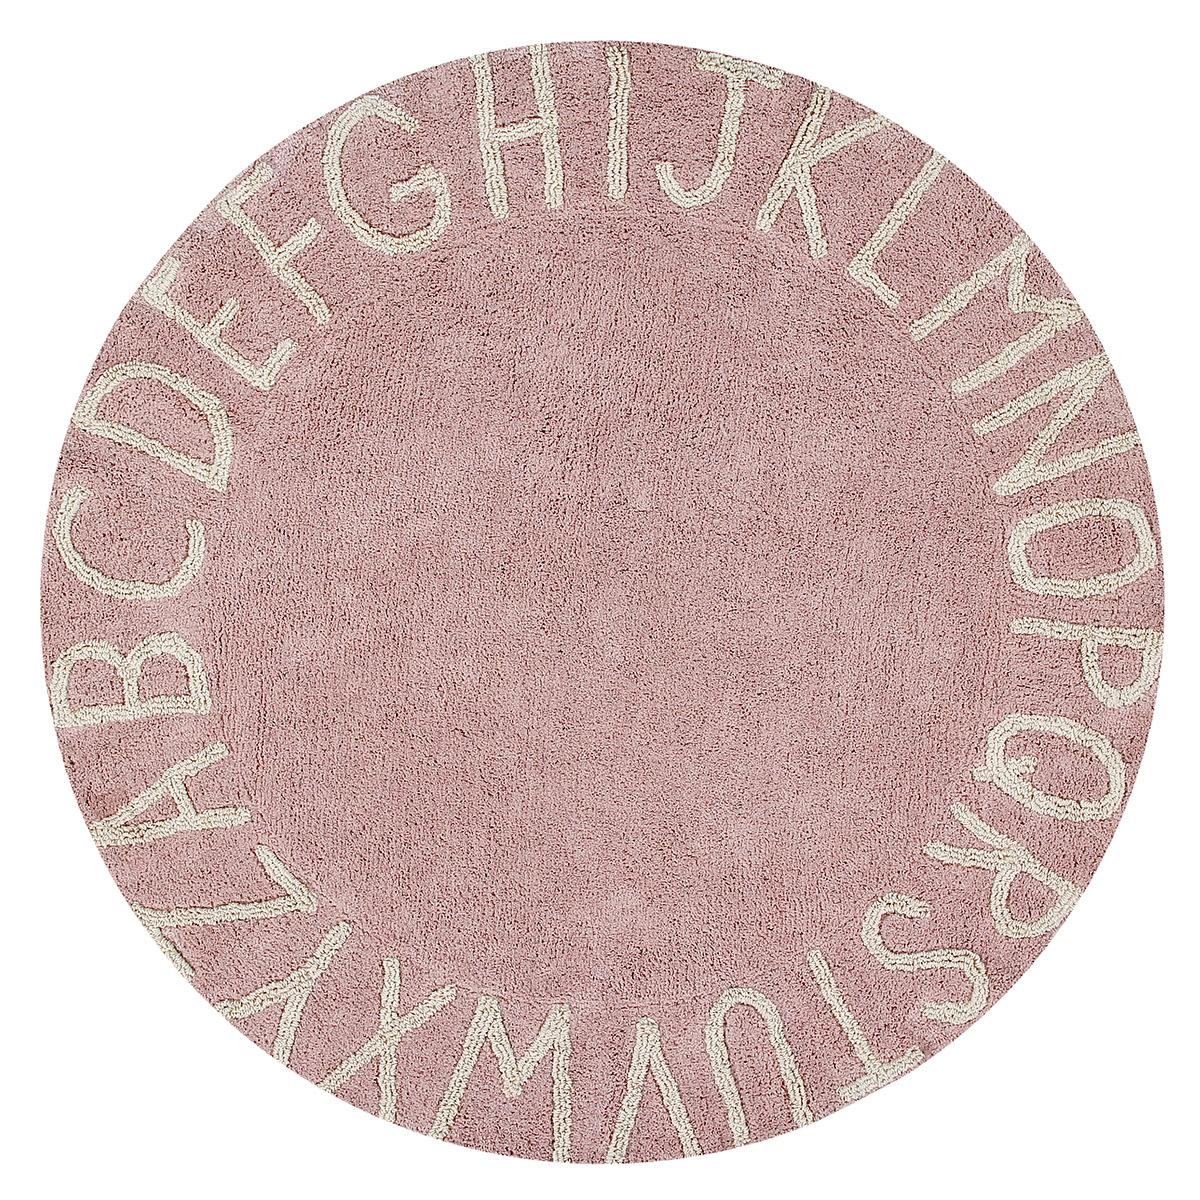 Tapis Tapis Lavable ABC Rose et Blanc - Ø 150 cm Tapis Lavable ABC Rose et Blanc - Ø 150 cm